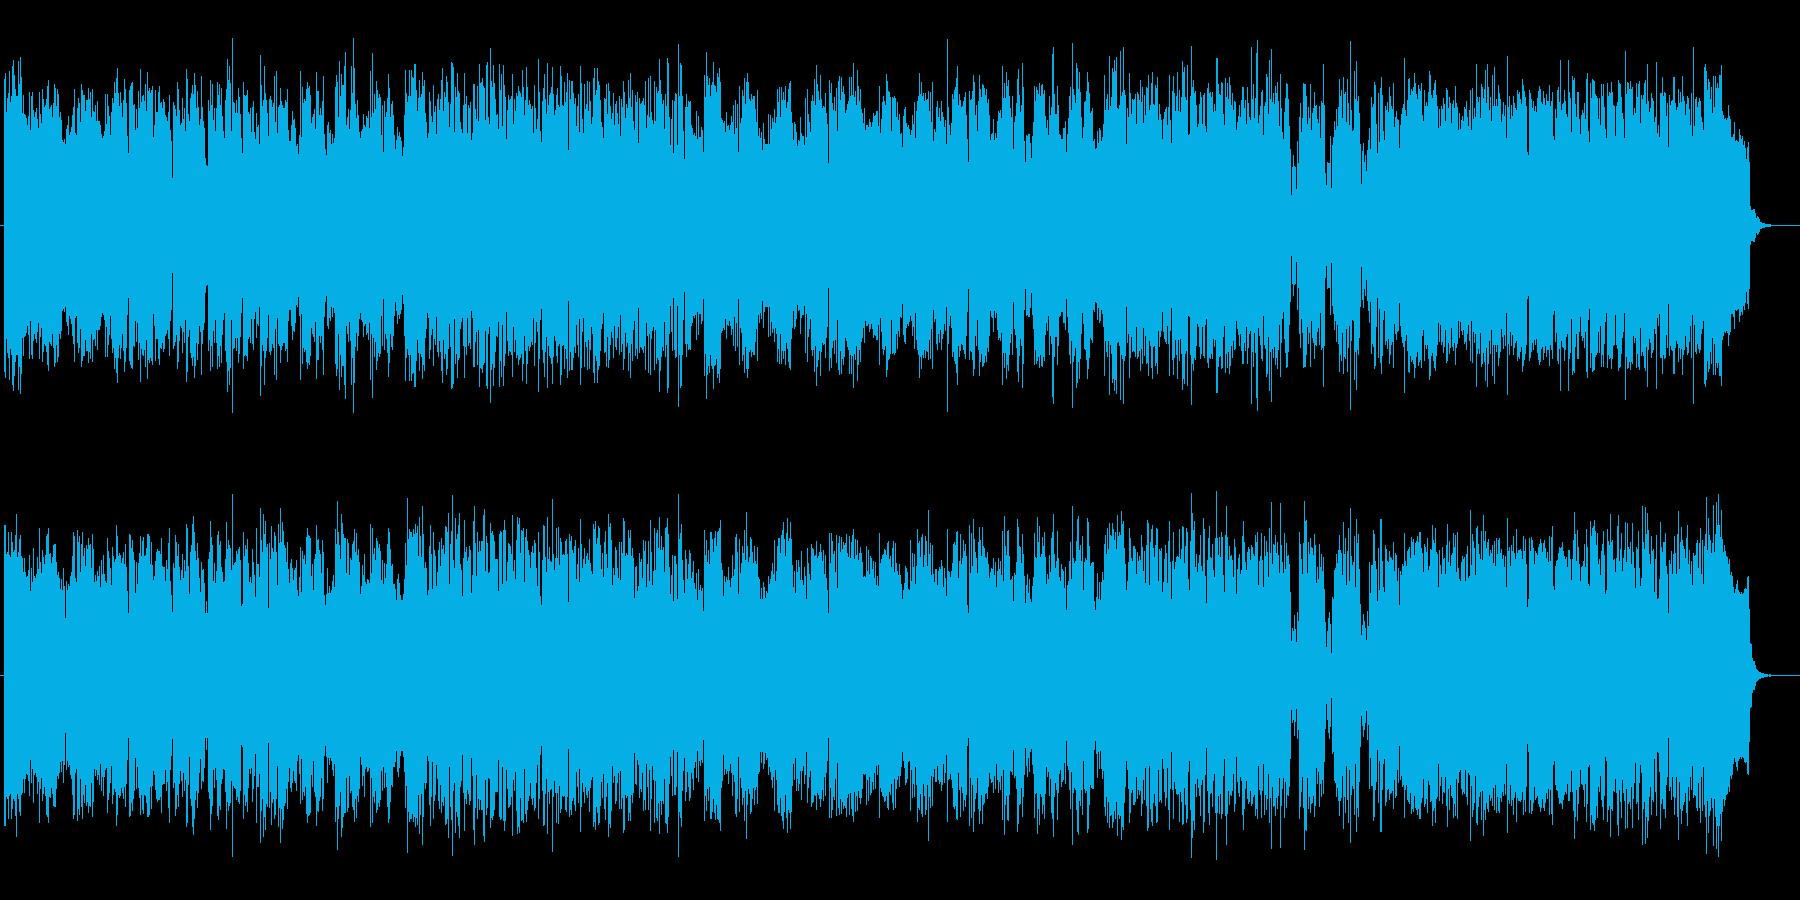 懐かしい宇宙的コンピューターミュージックの再生済みの波形